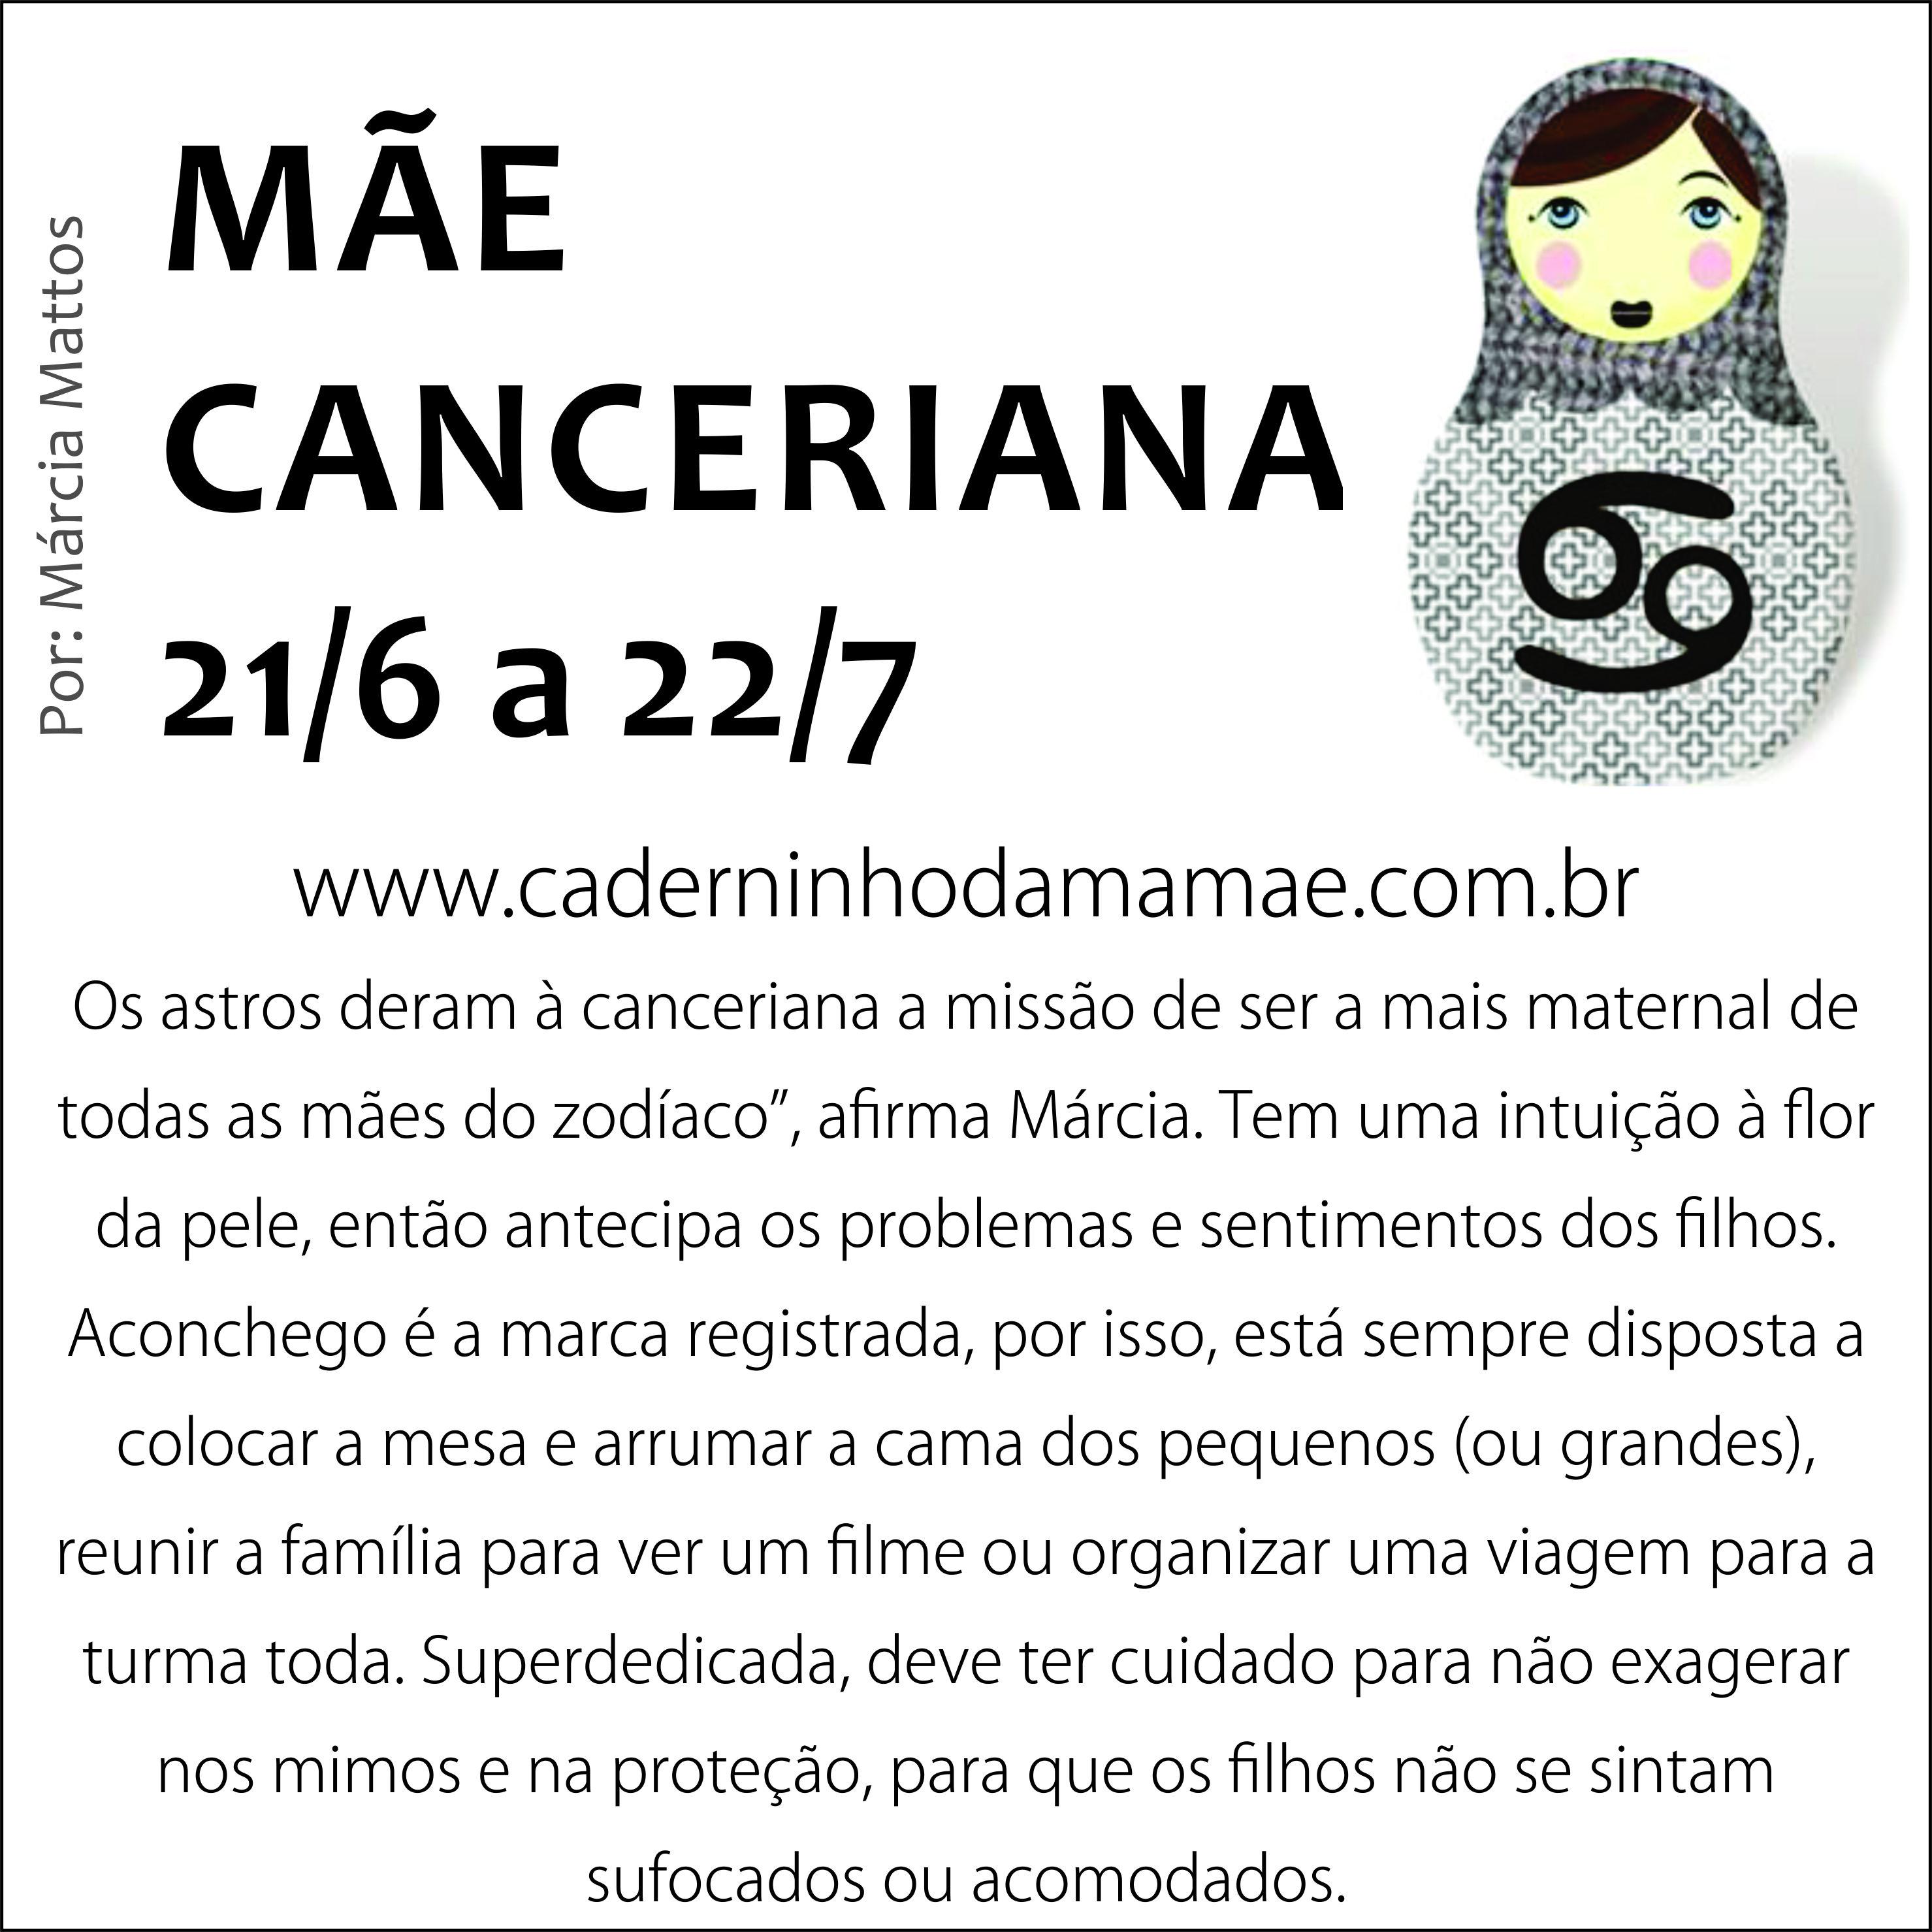 mãe-de-cancer-signo